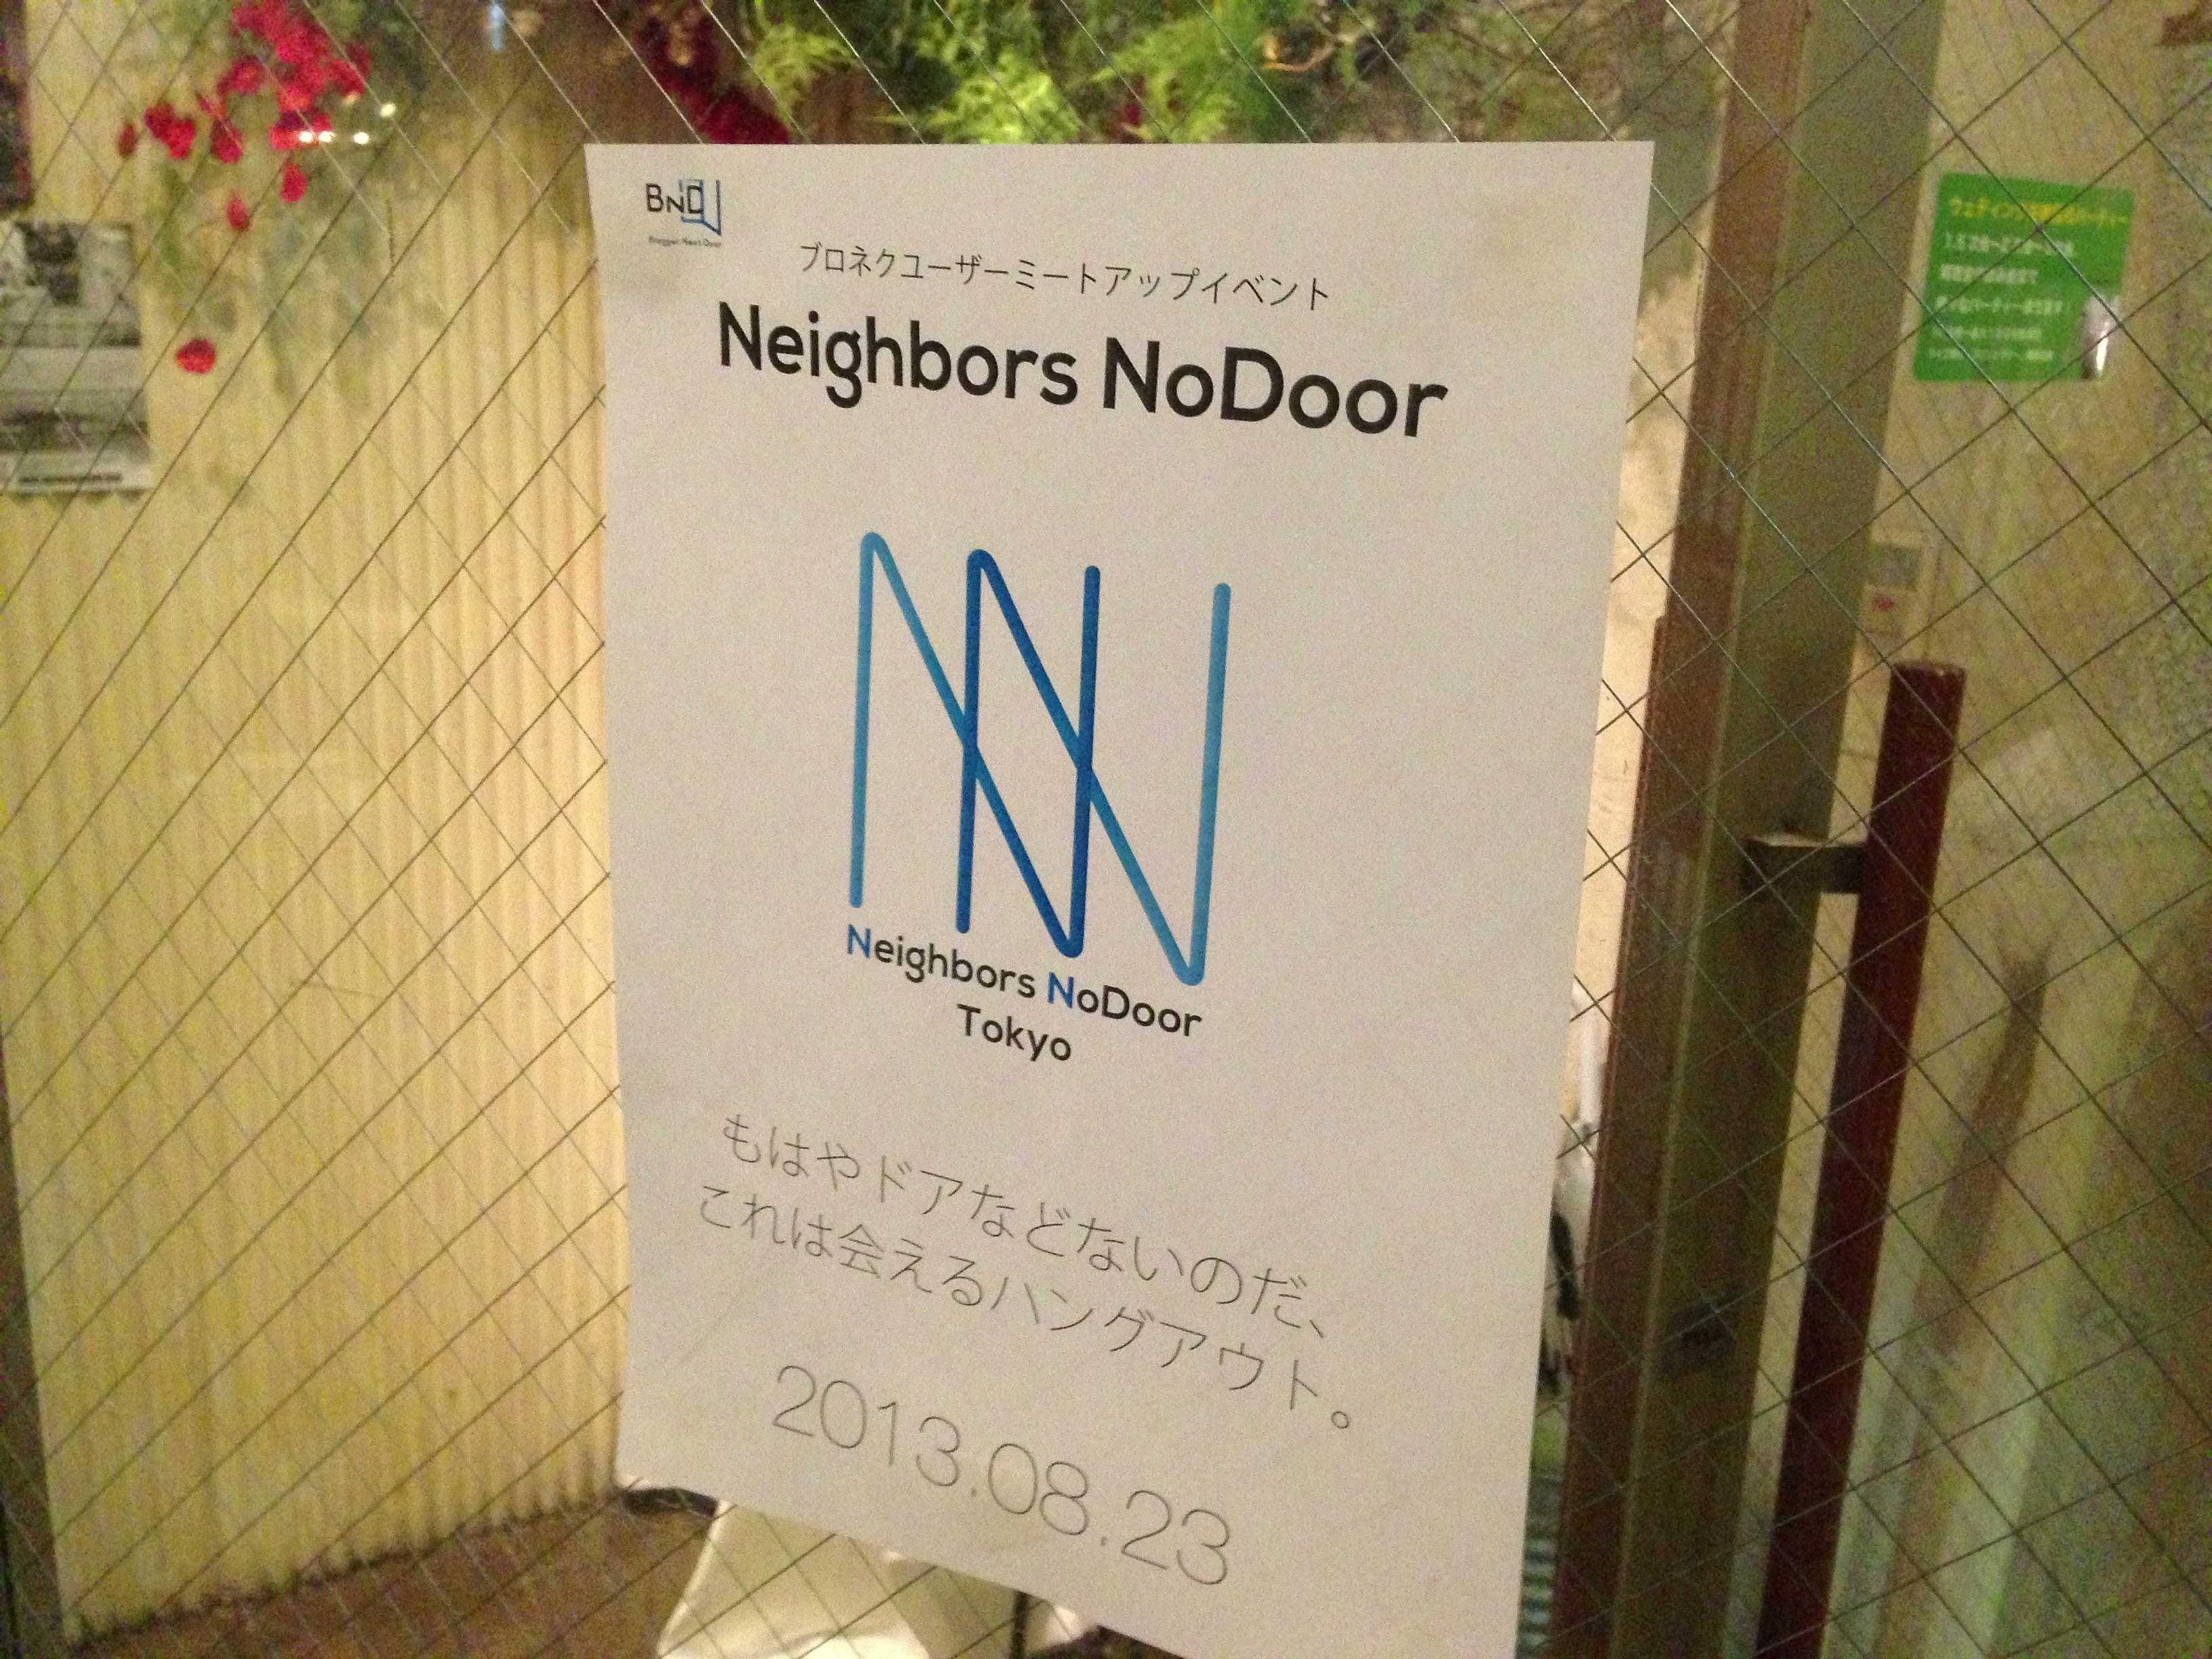 Neighbors NoDoorに参加したら艦これをやることになっていた。な…何を言ってるのかわからねーと思うが